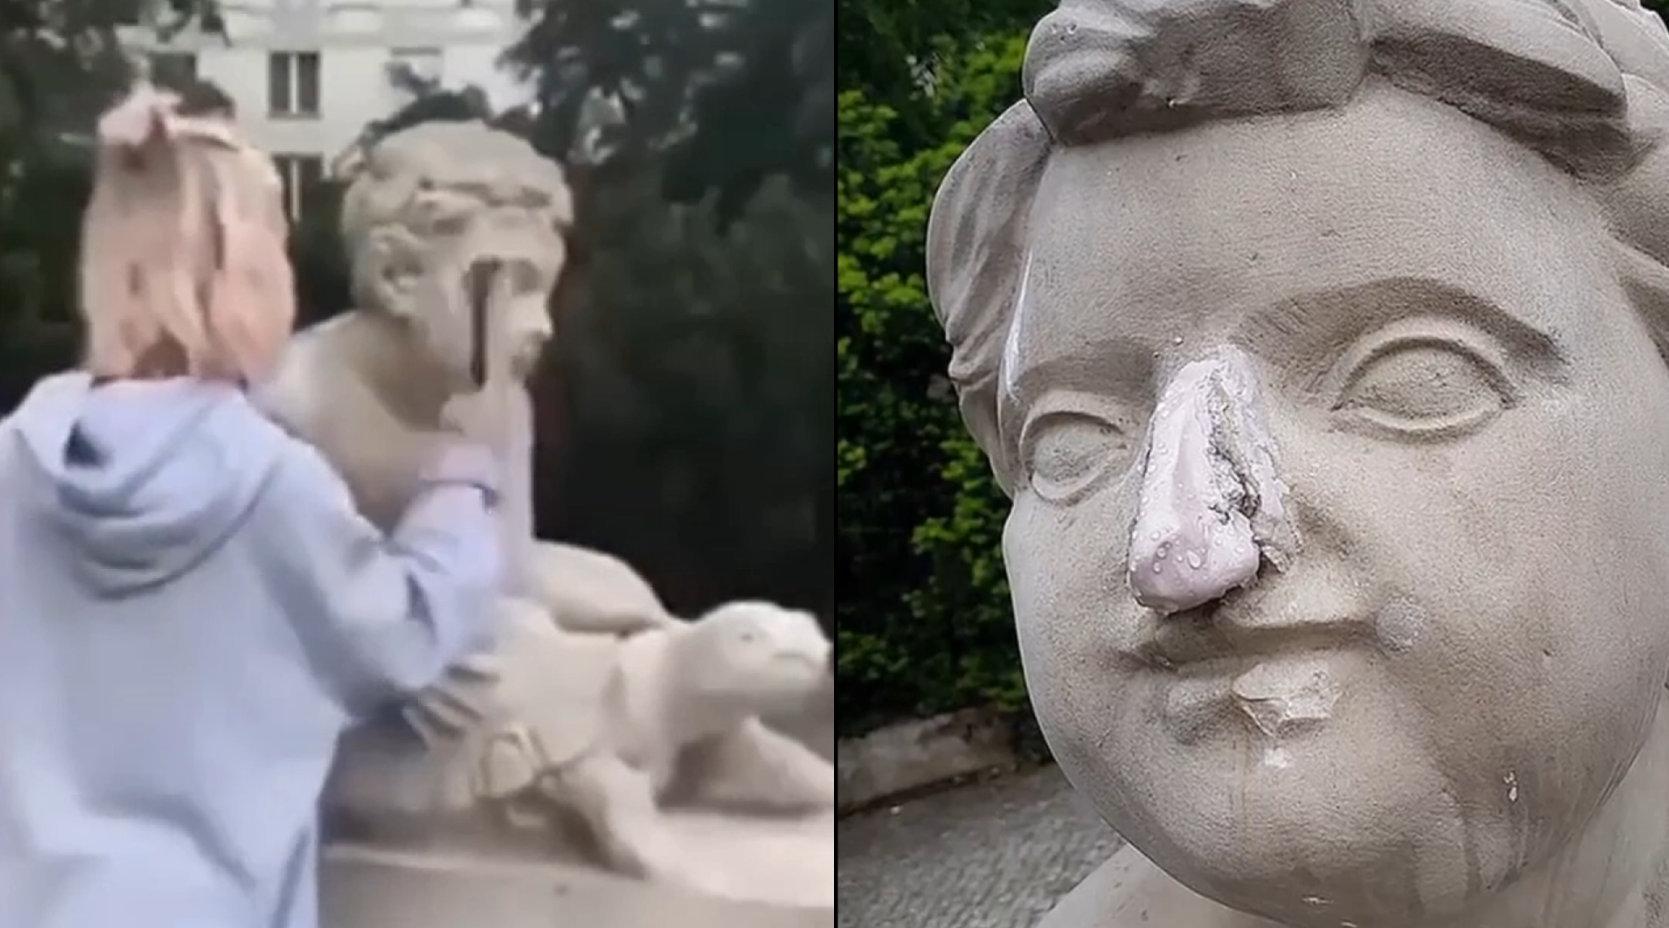 女网红为涨粉敲碎200年雕像鼻子,丢掉工作后急忙忏悔道歉